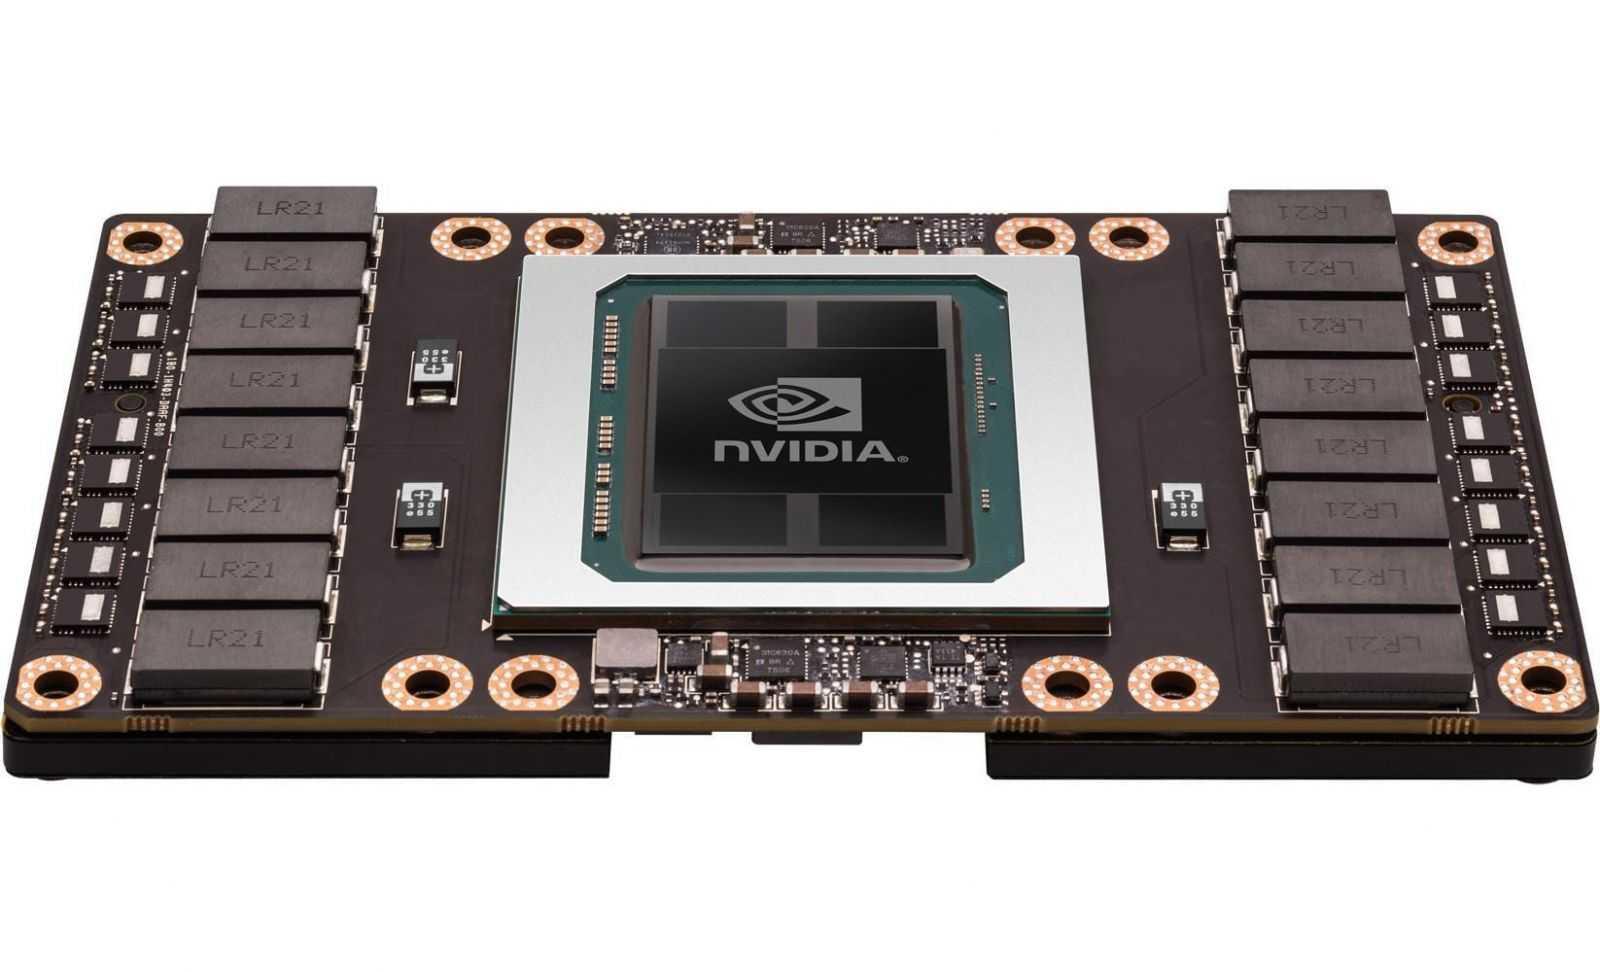 P100 - Суперкомпьютер NVIDIA DGX-1 для ИИ доступен в России